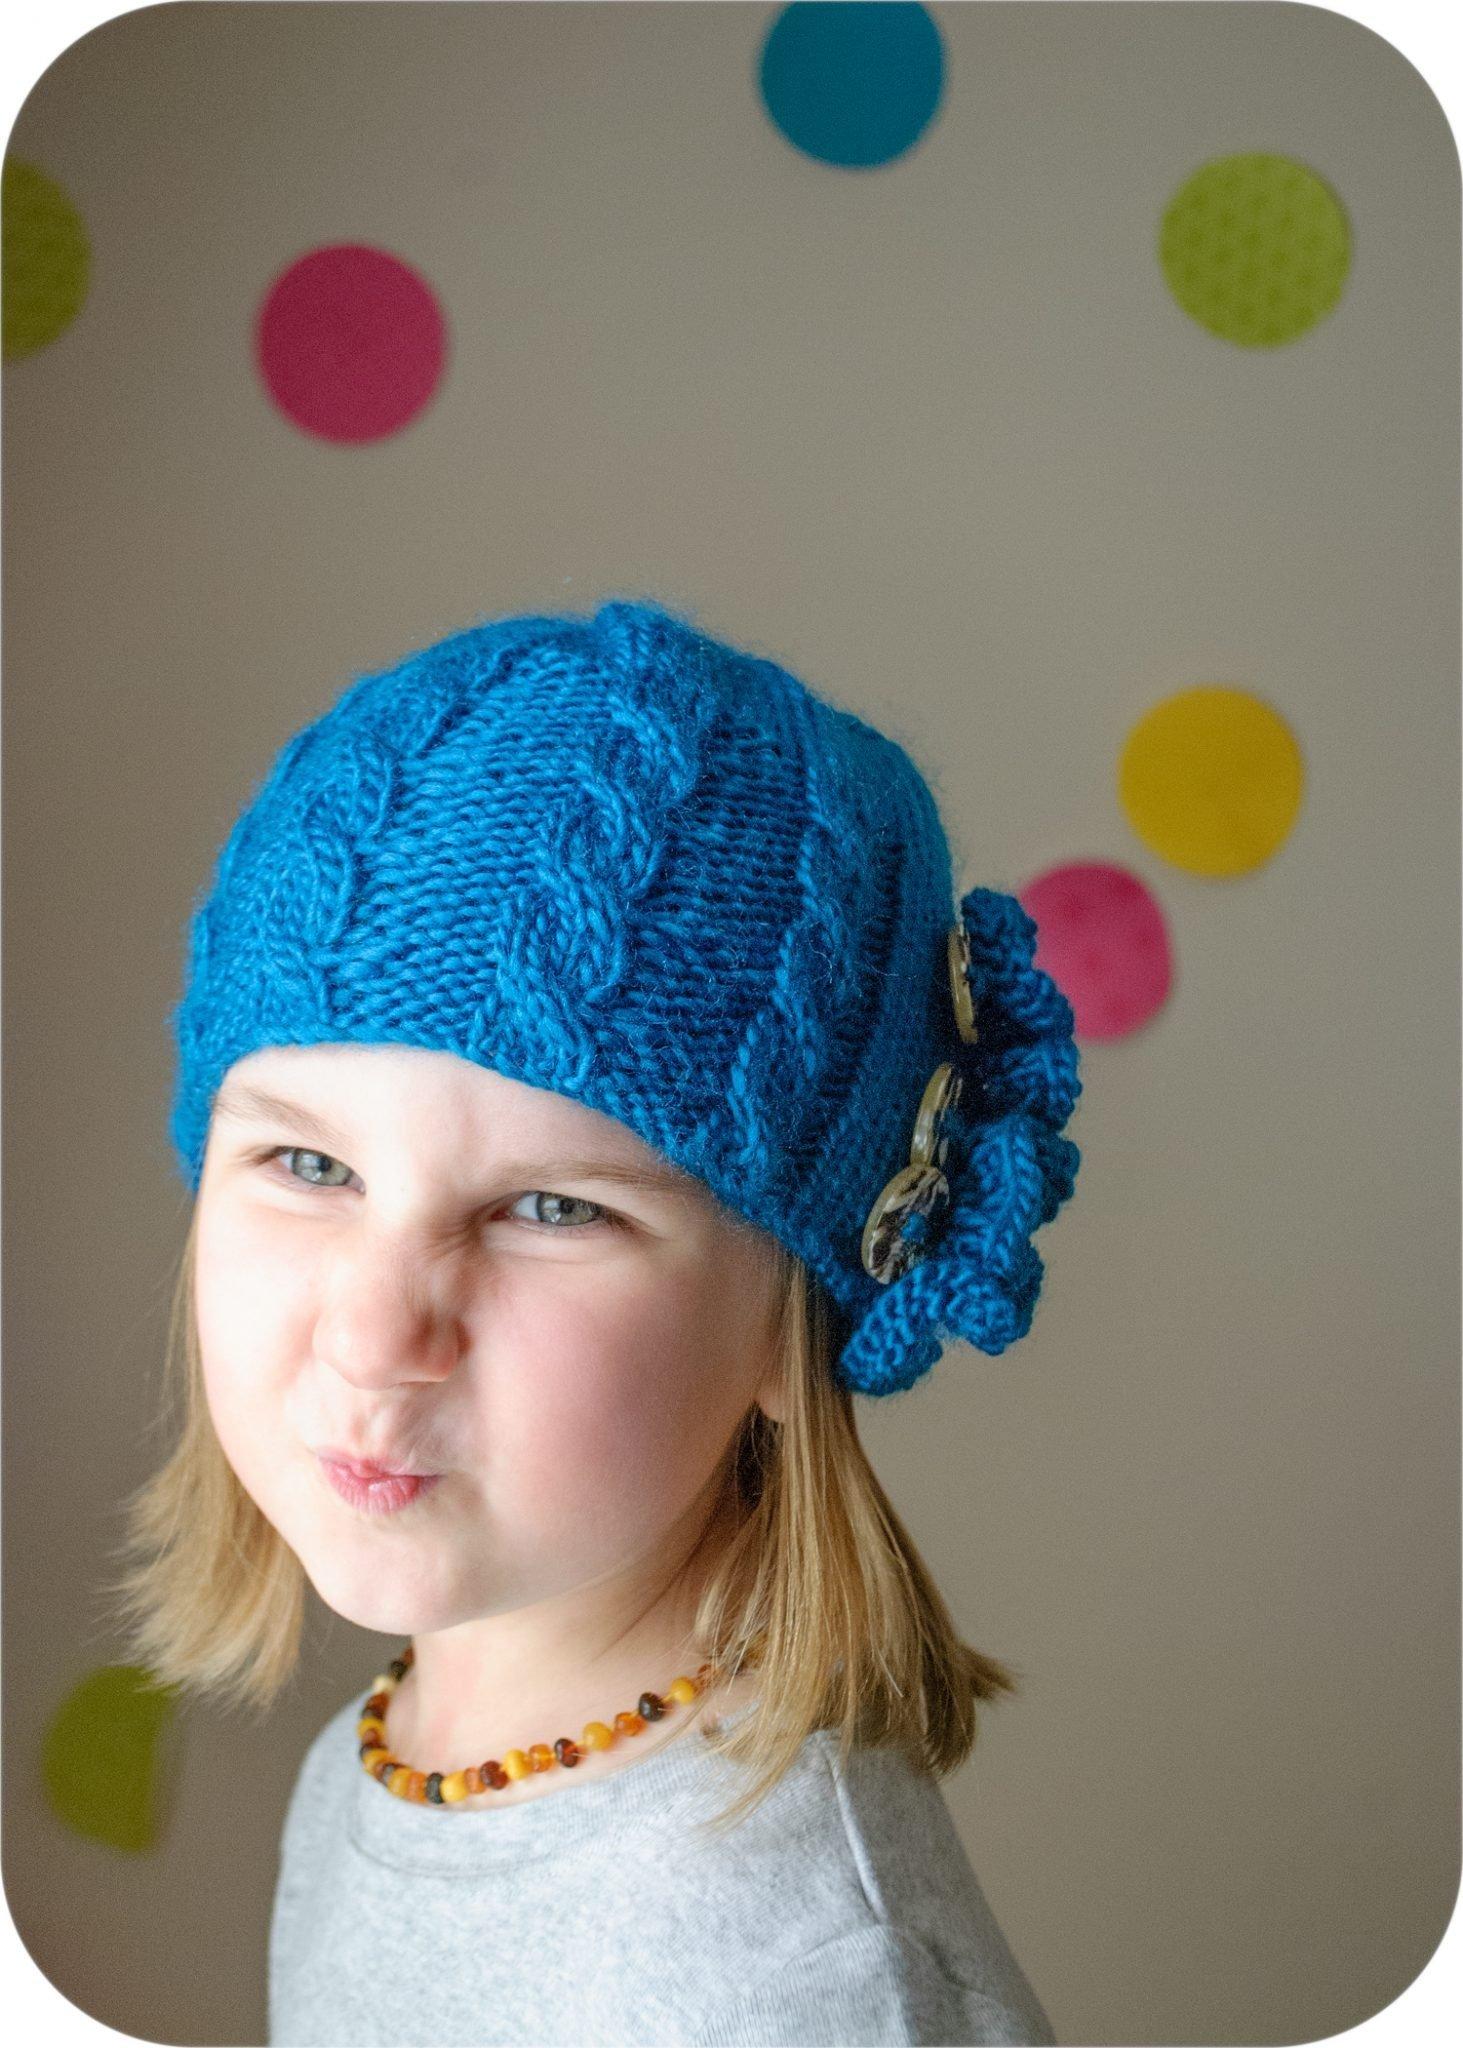 Monster Hat Knitting Pattern : The Meisje Hat PDF Knitting Pattern   The Eli Monster